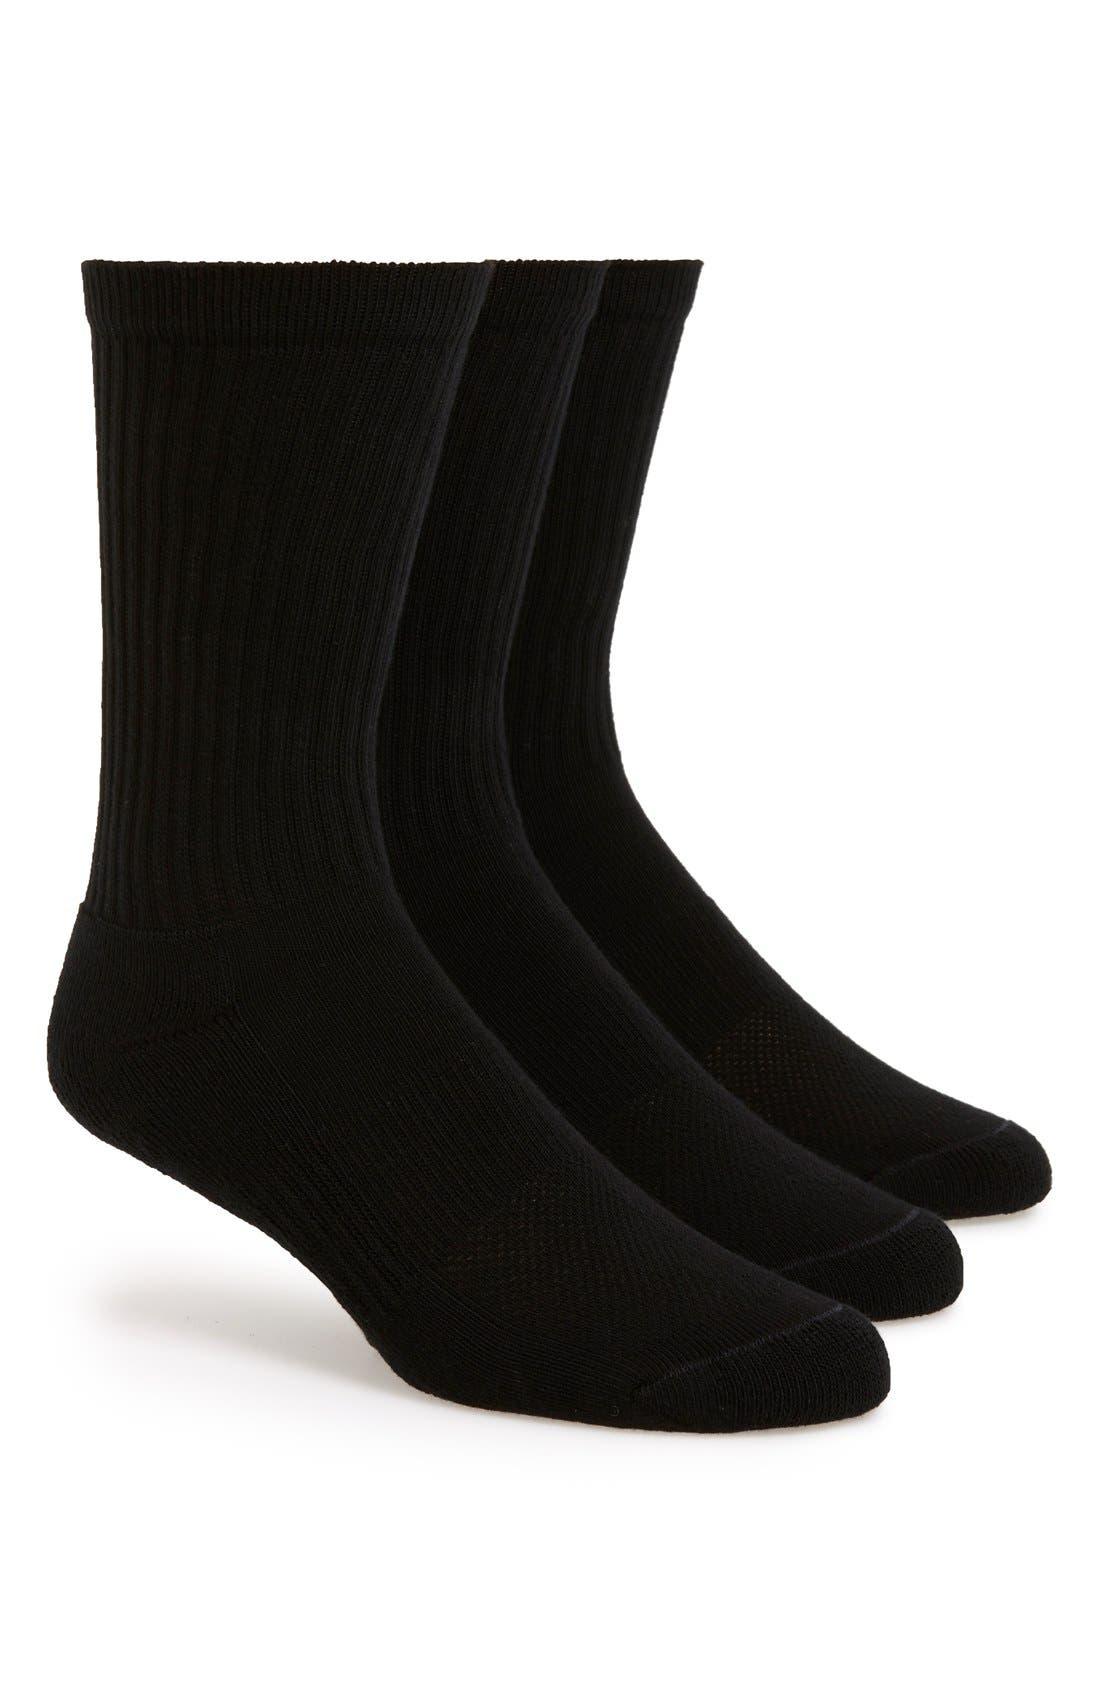 NORDSTROM MEN'S SHOP 3-Pack Athletic Socks, Main, color, BLACK